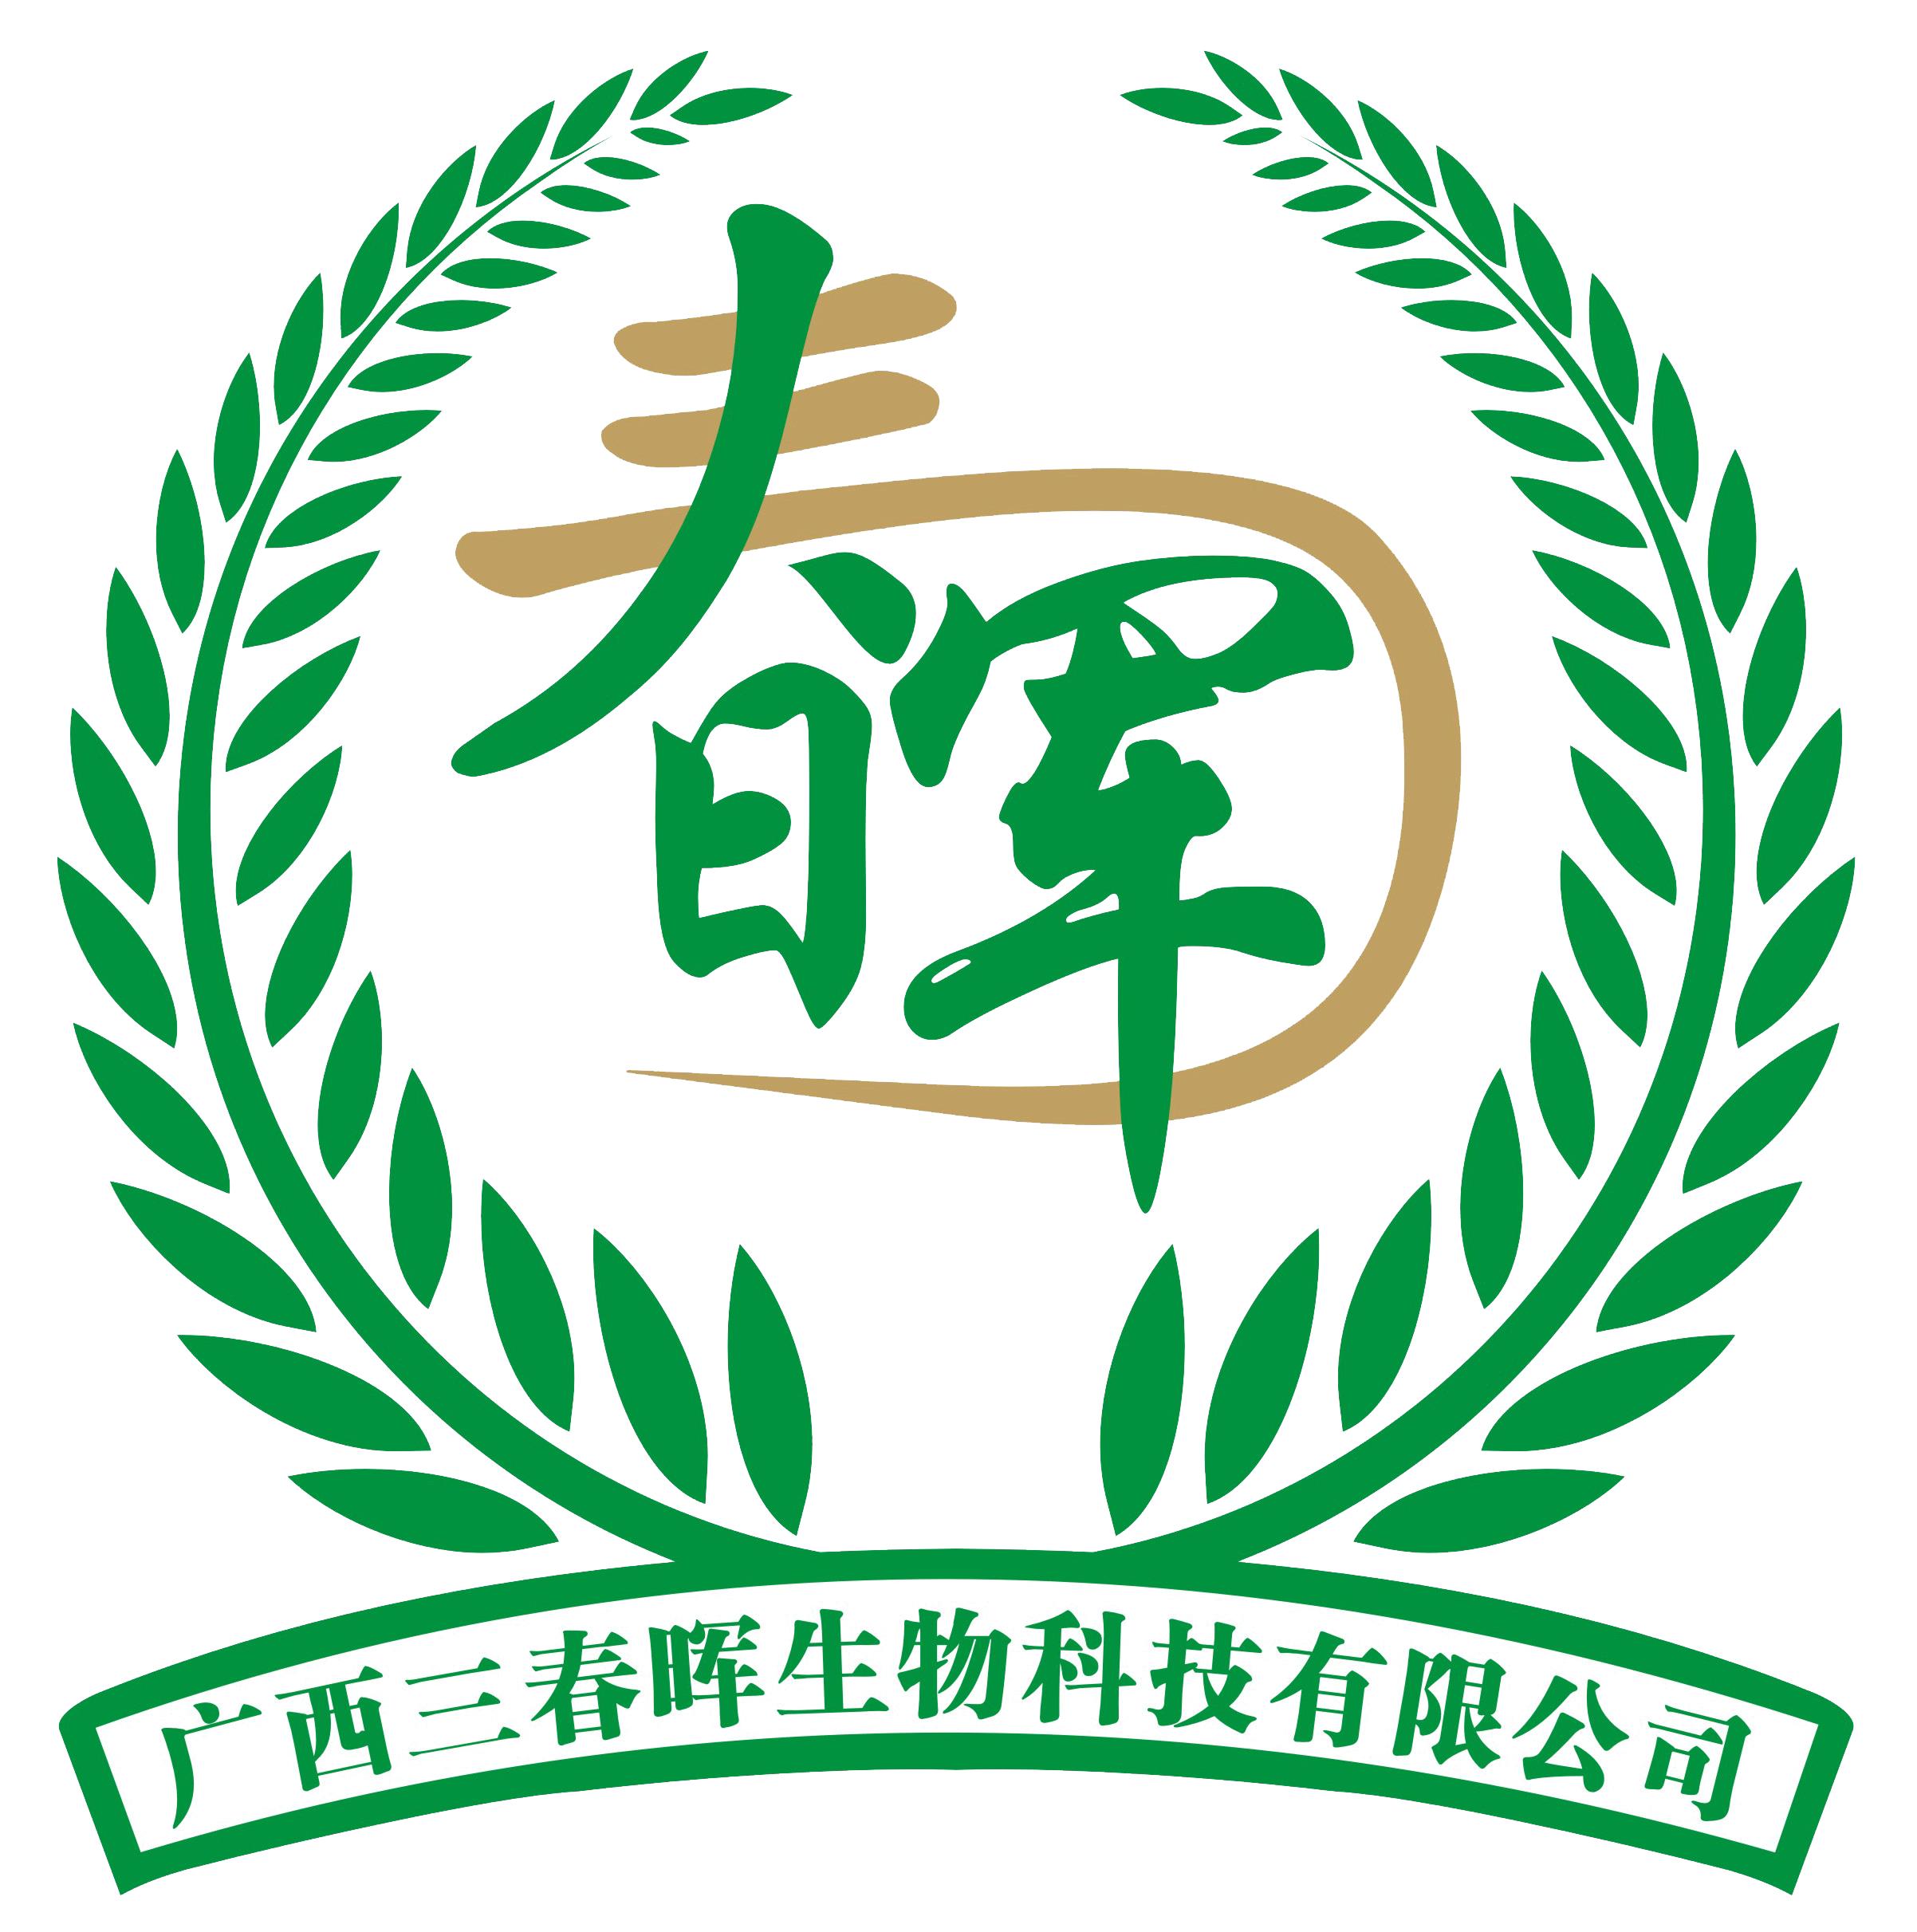 广西三春晖生物科技有限公司